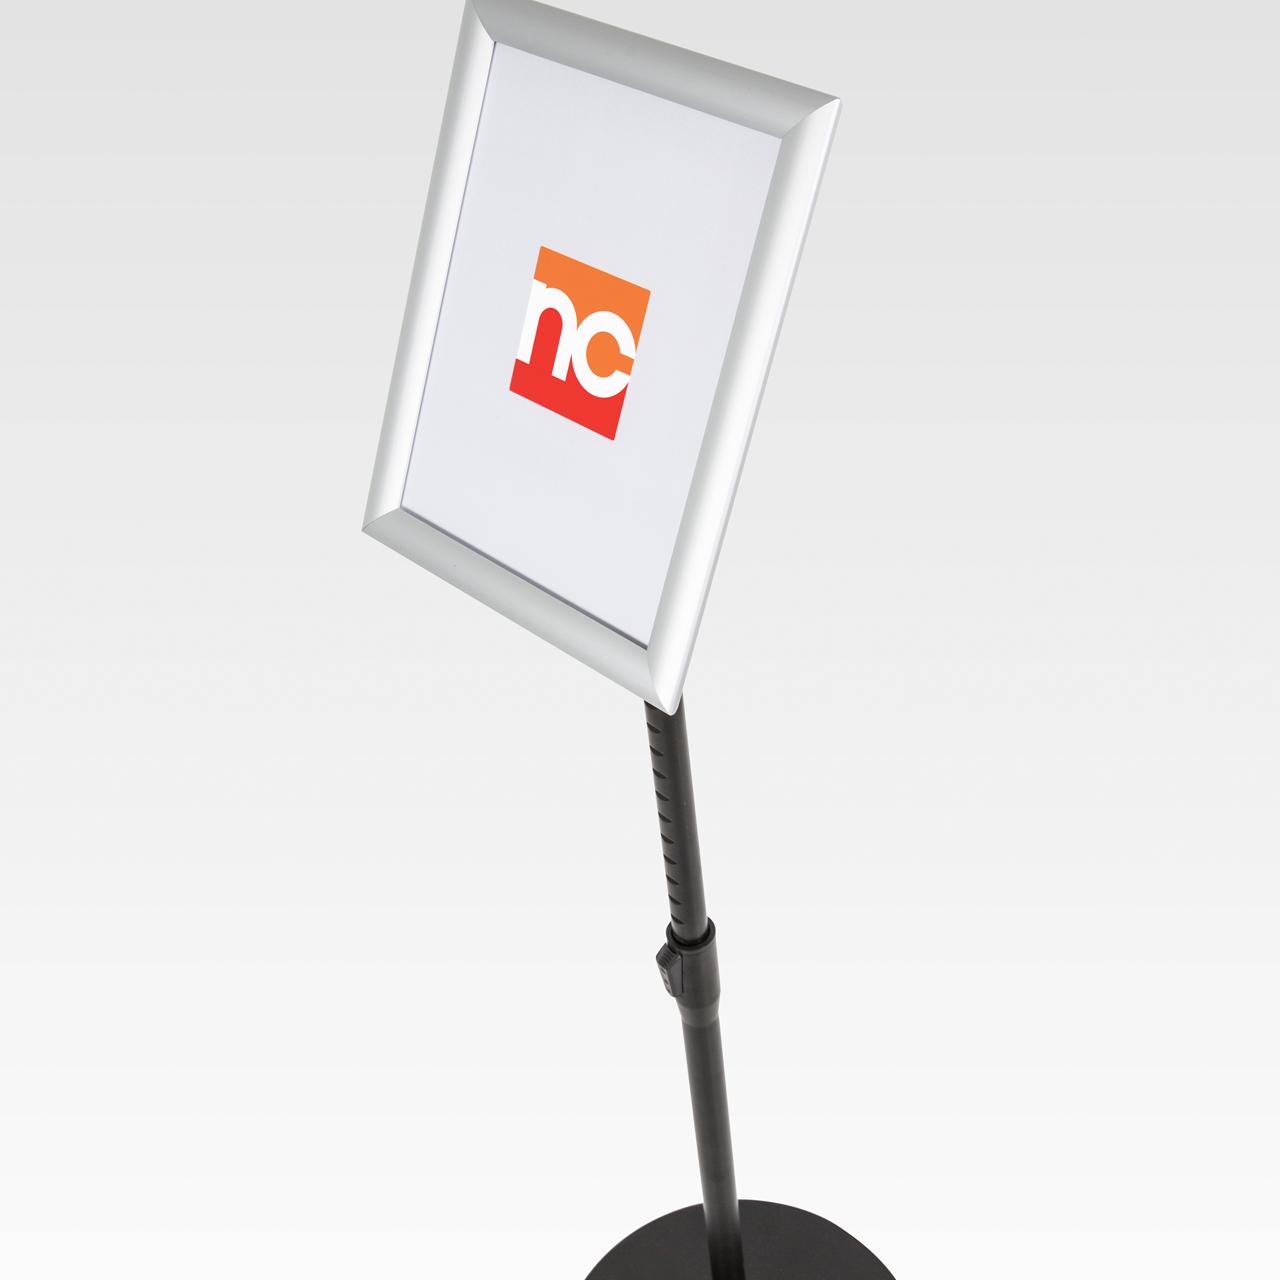 Porteaffiche Sur Pied Produits Solutions Daffichage Nouveaux - Porte affiche sur pied